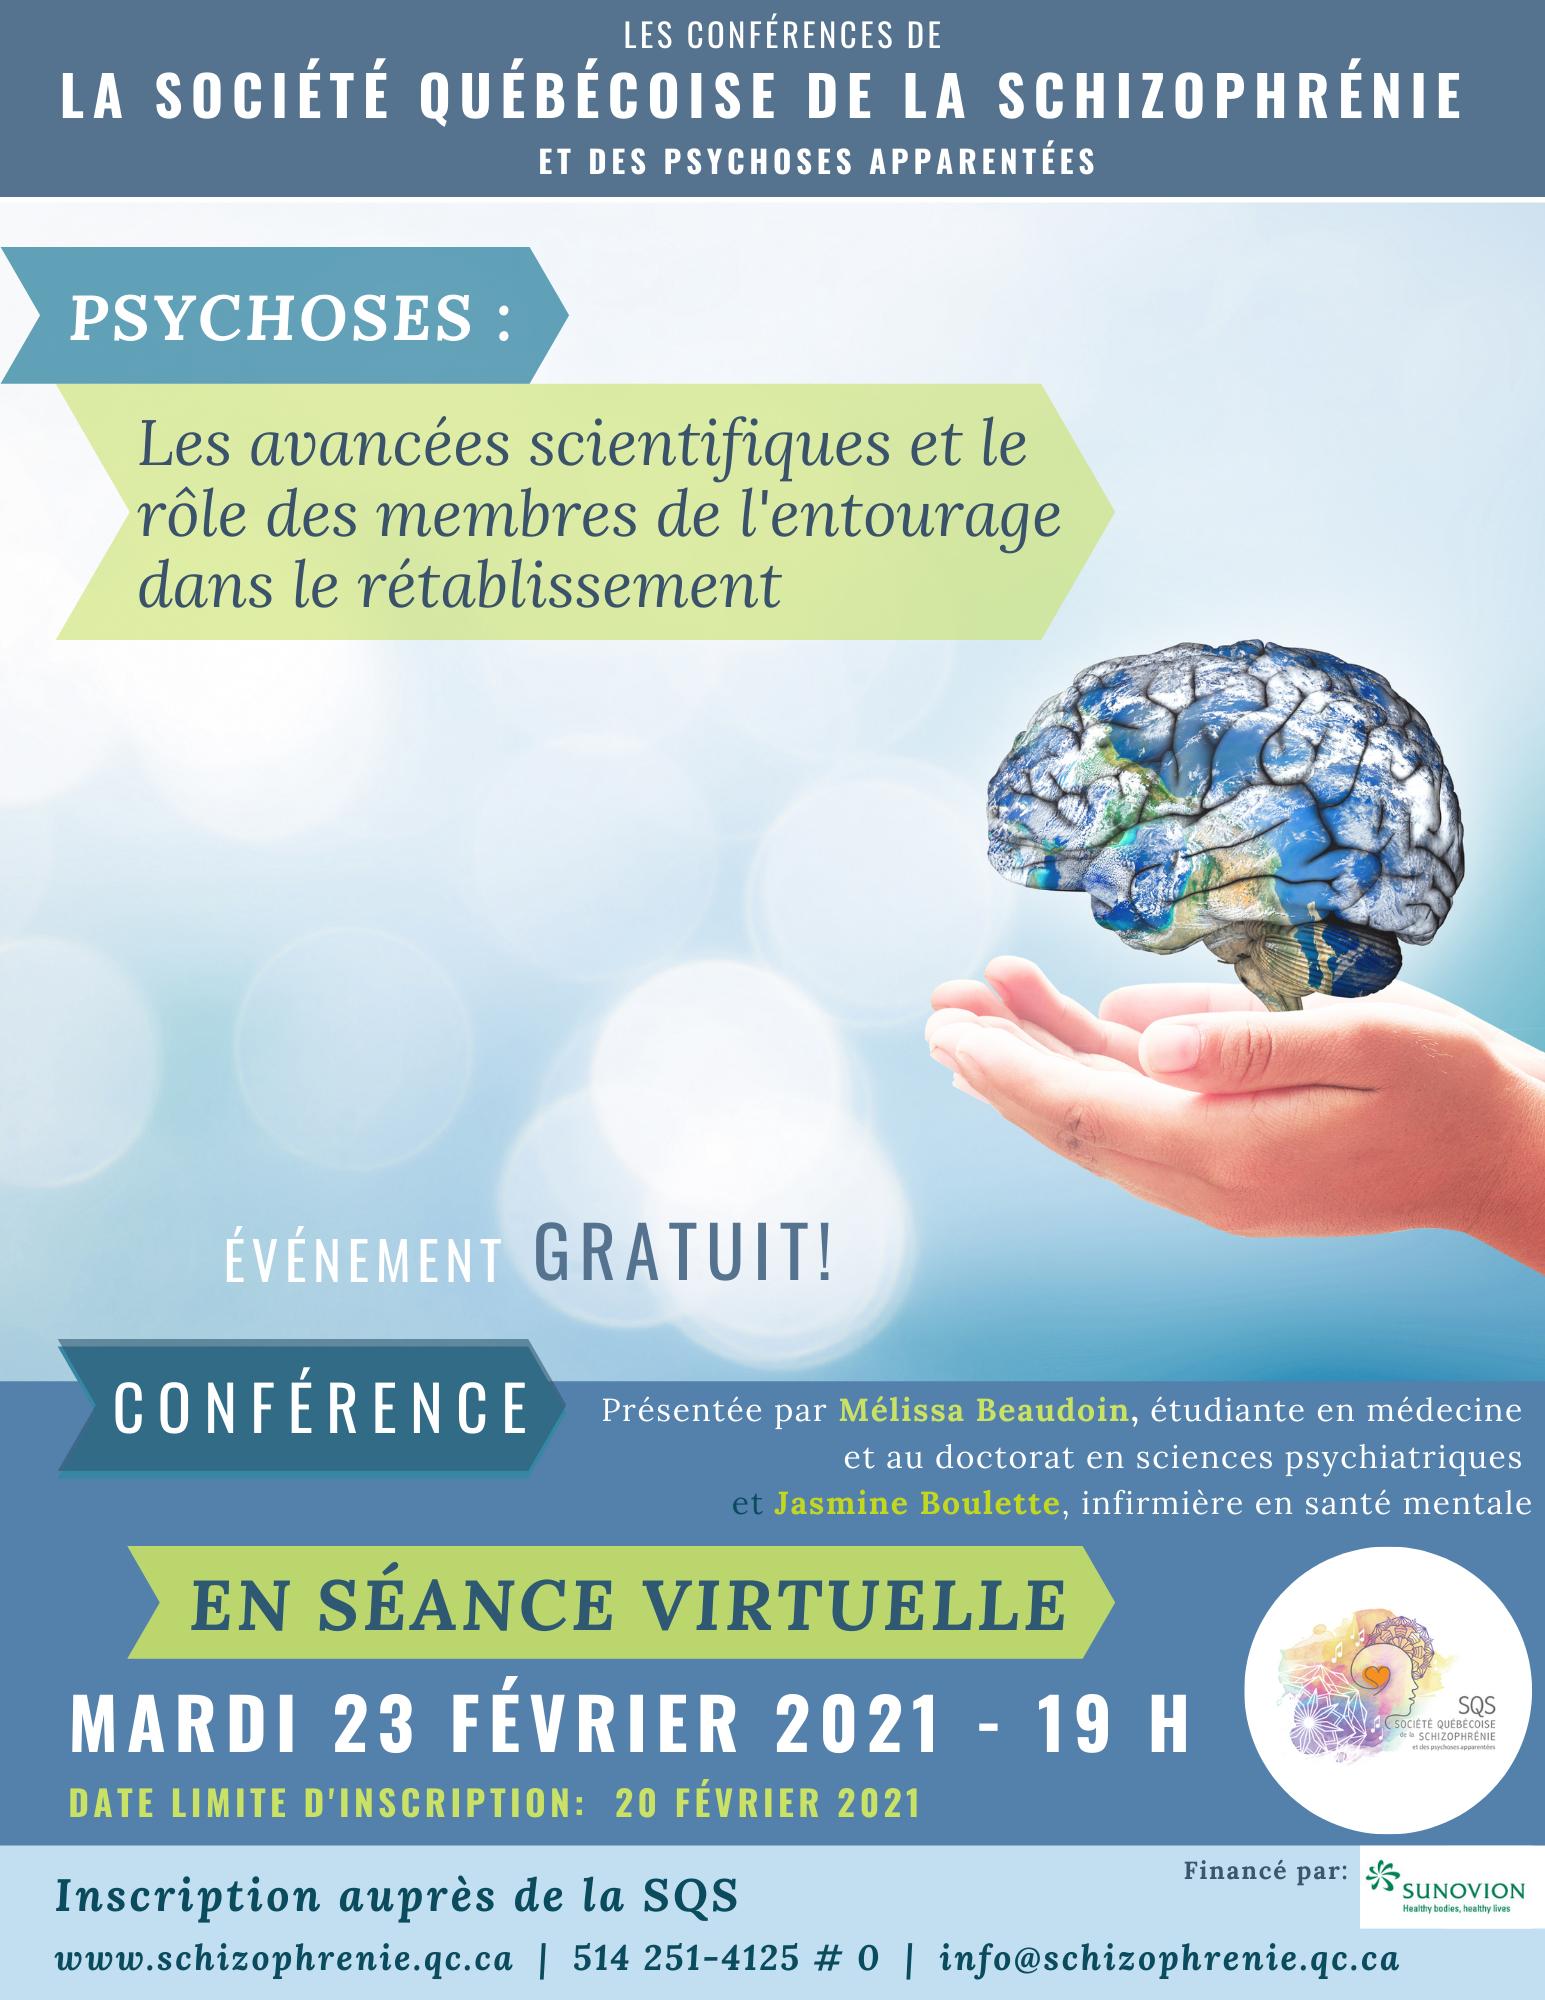 |COMPLET| - [VIRTUEL] CONFÉRENCE SQS - Psychoses: les avancées scientifiques et le rôle des membres de l'entourage dans le rétablissement